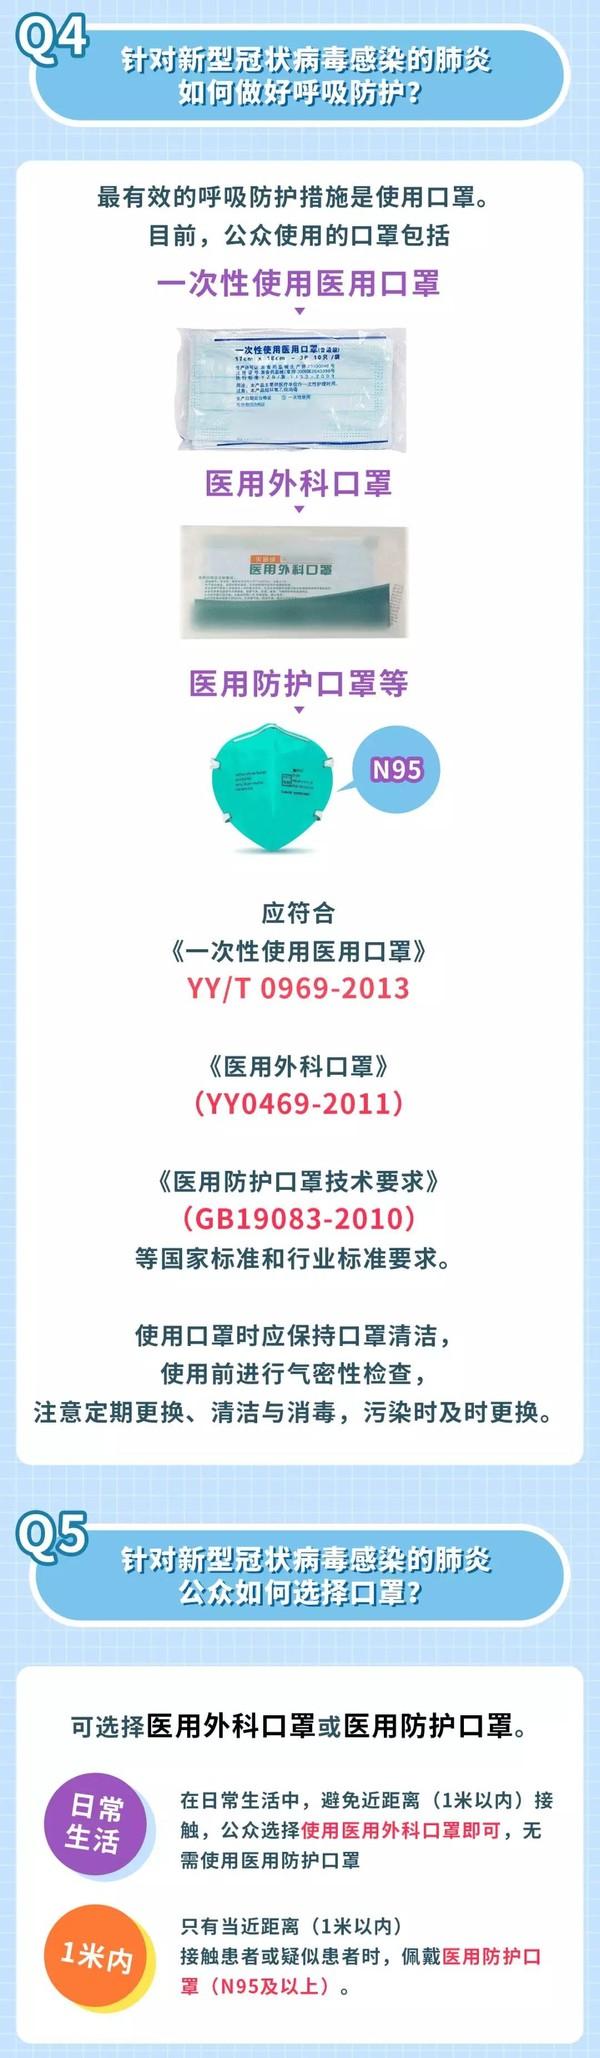 微信图片_20200201093805.jpg